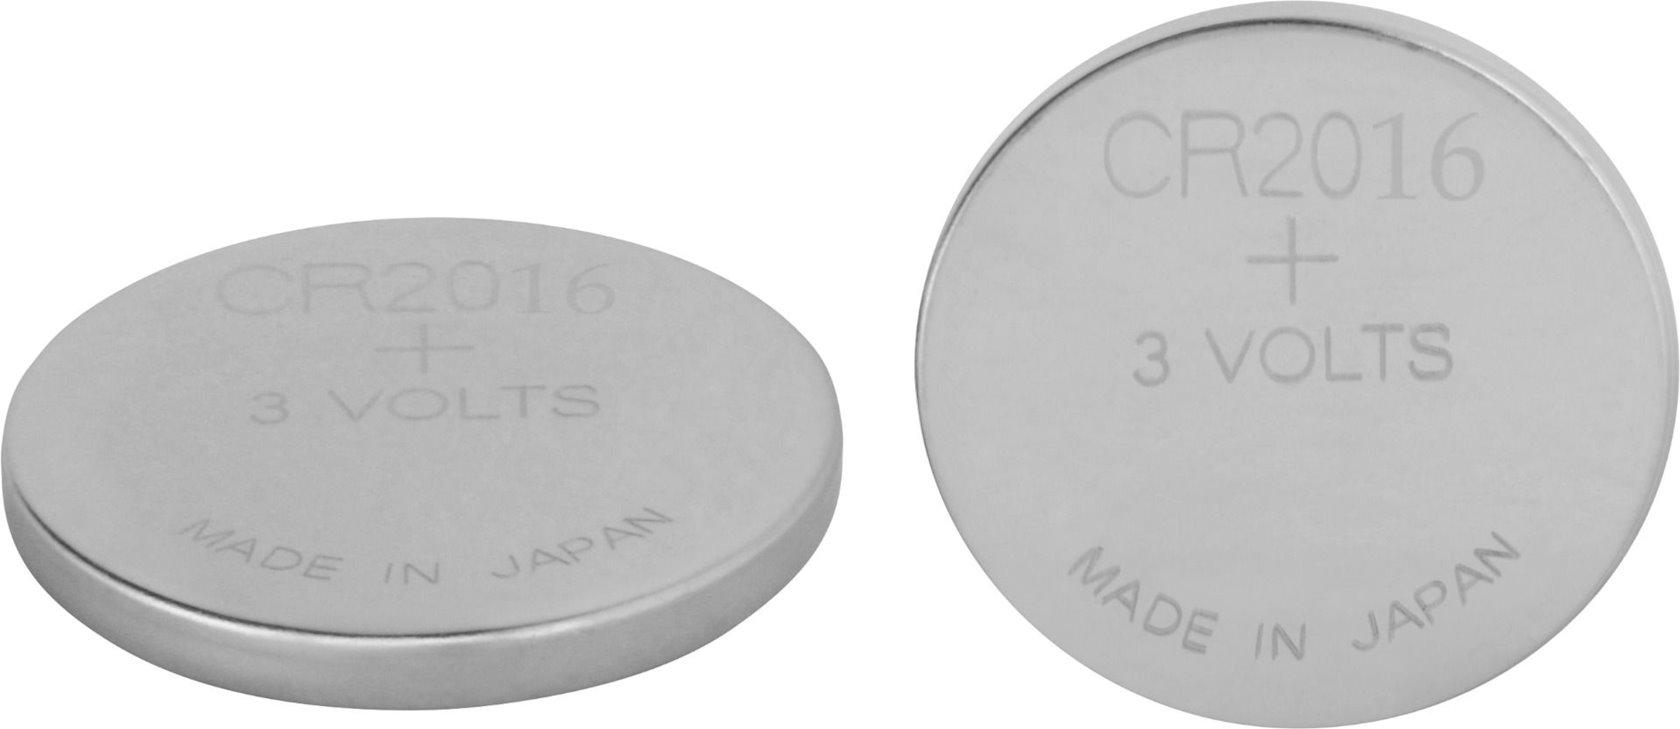 Batareya GP Lithium Battery CR2016-7C2 3V, 2 əd